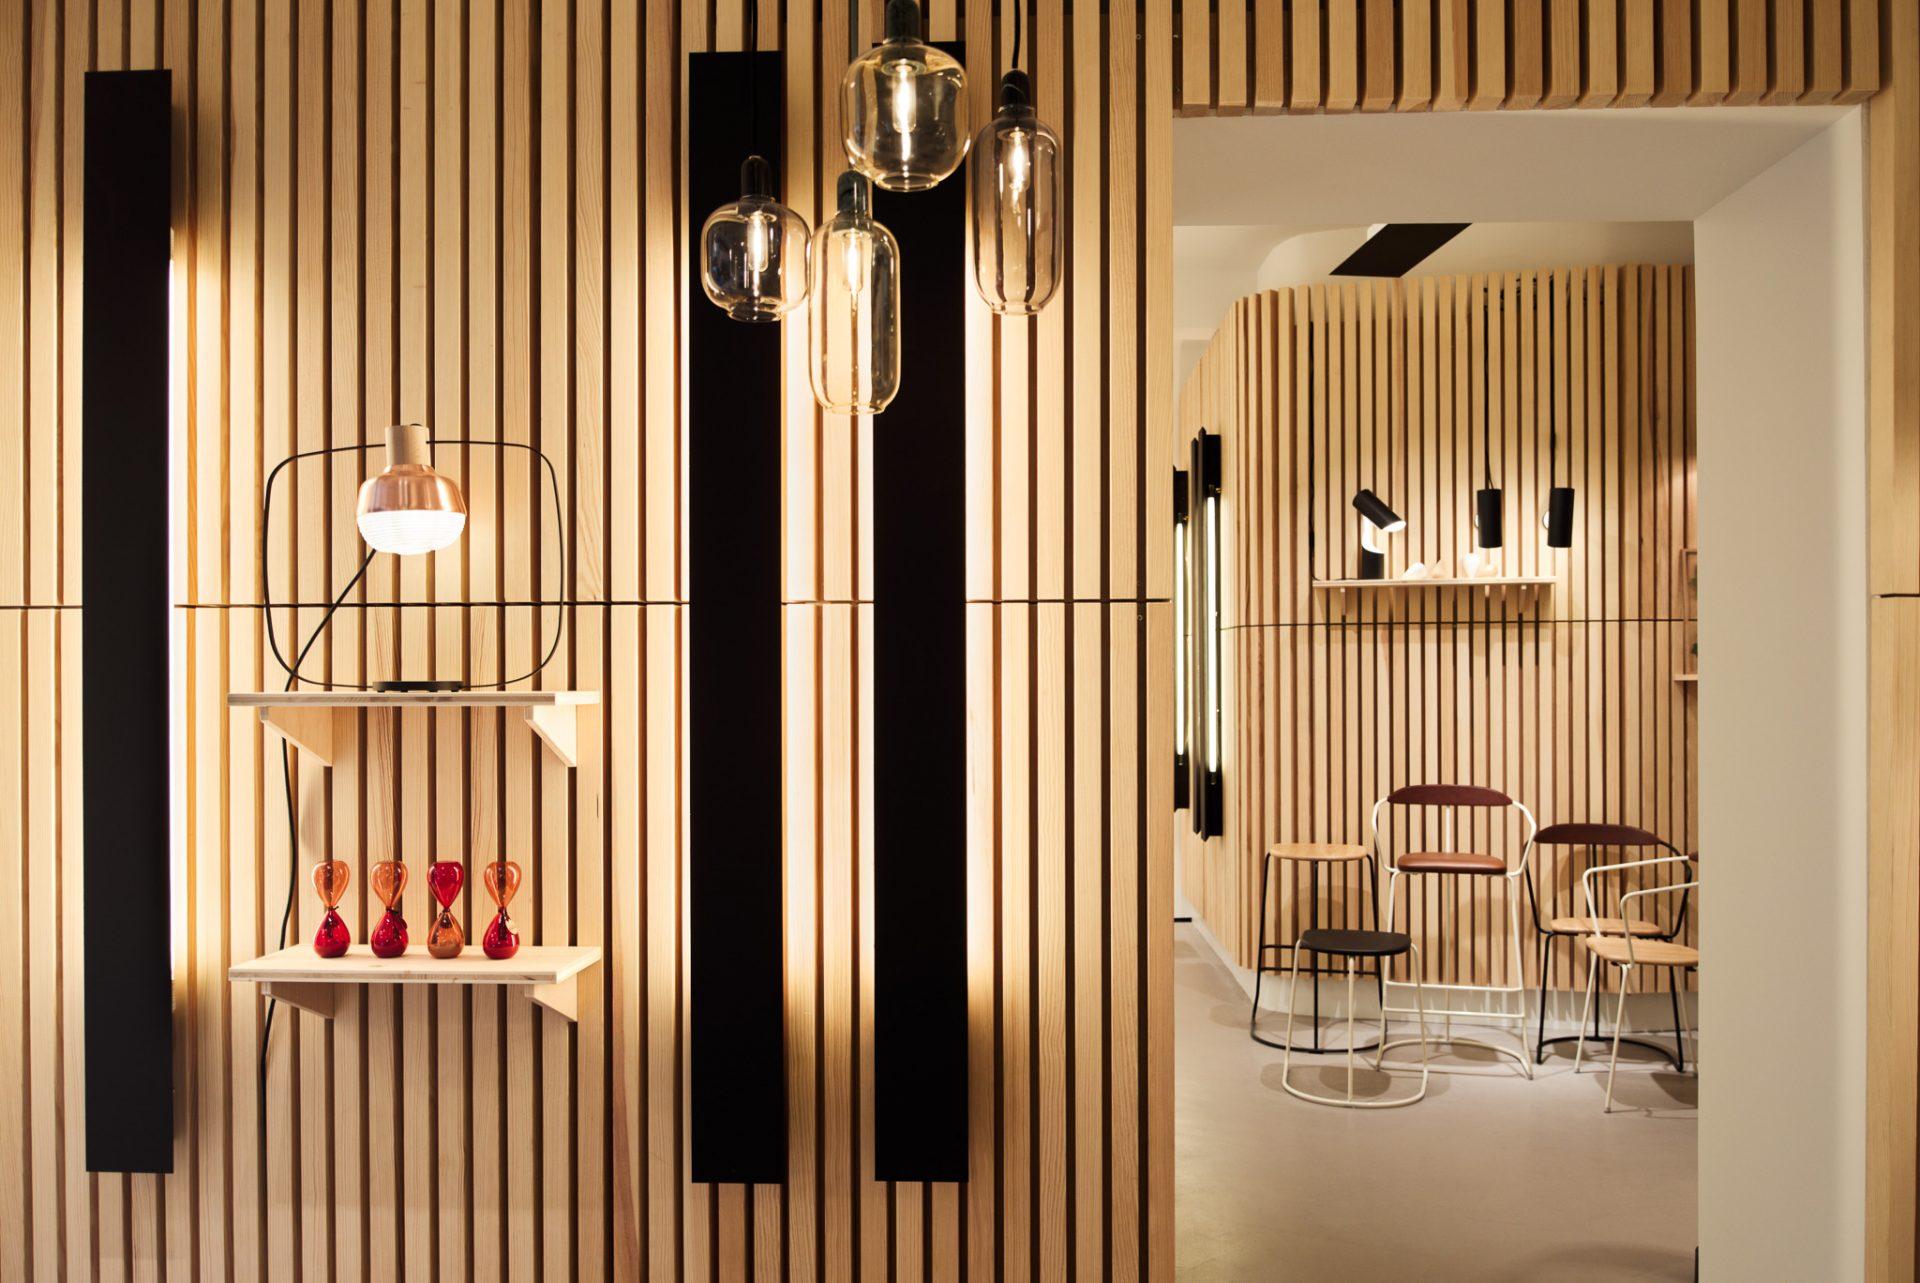 Luminaire mobilier design minimalistes lampes meubles design scandinave objets déco aix en provence